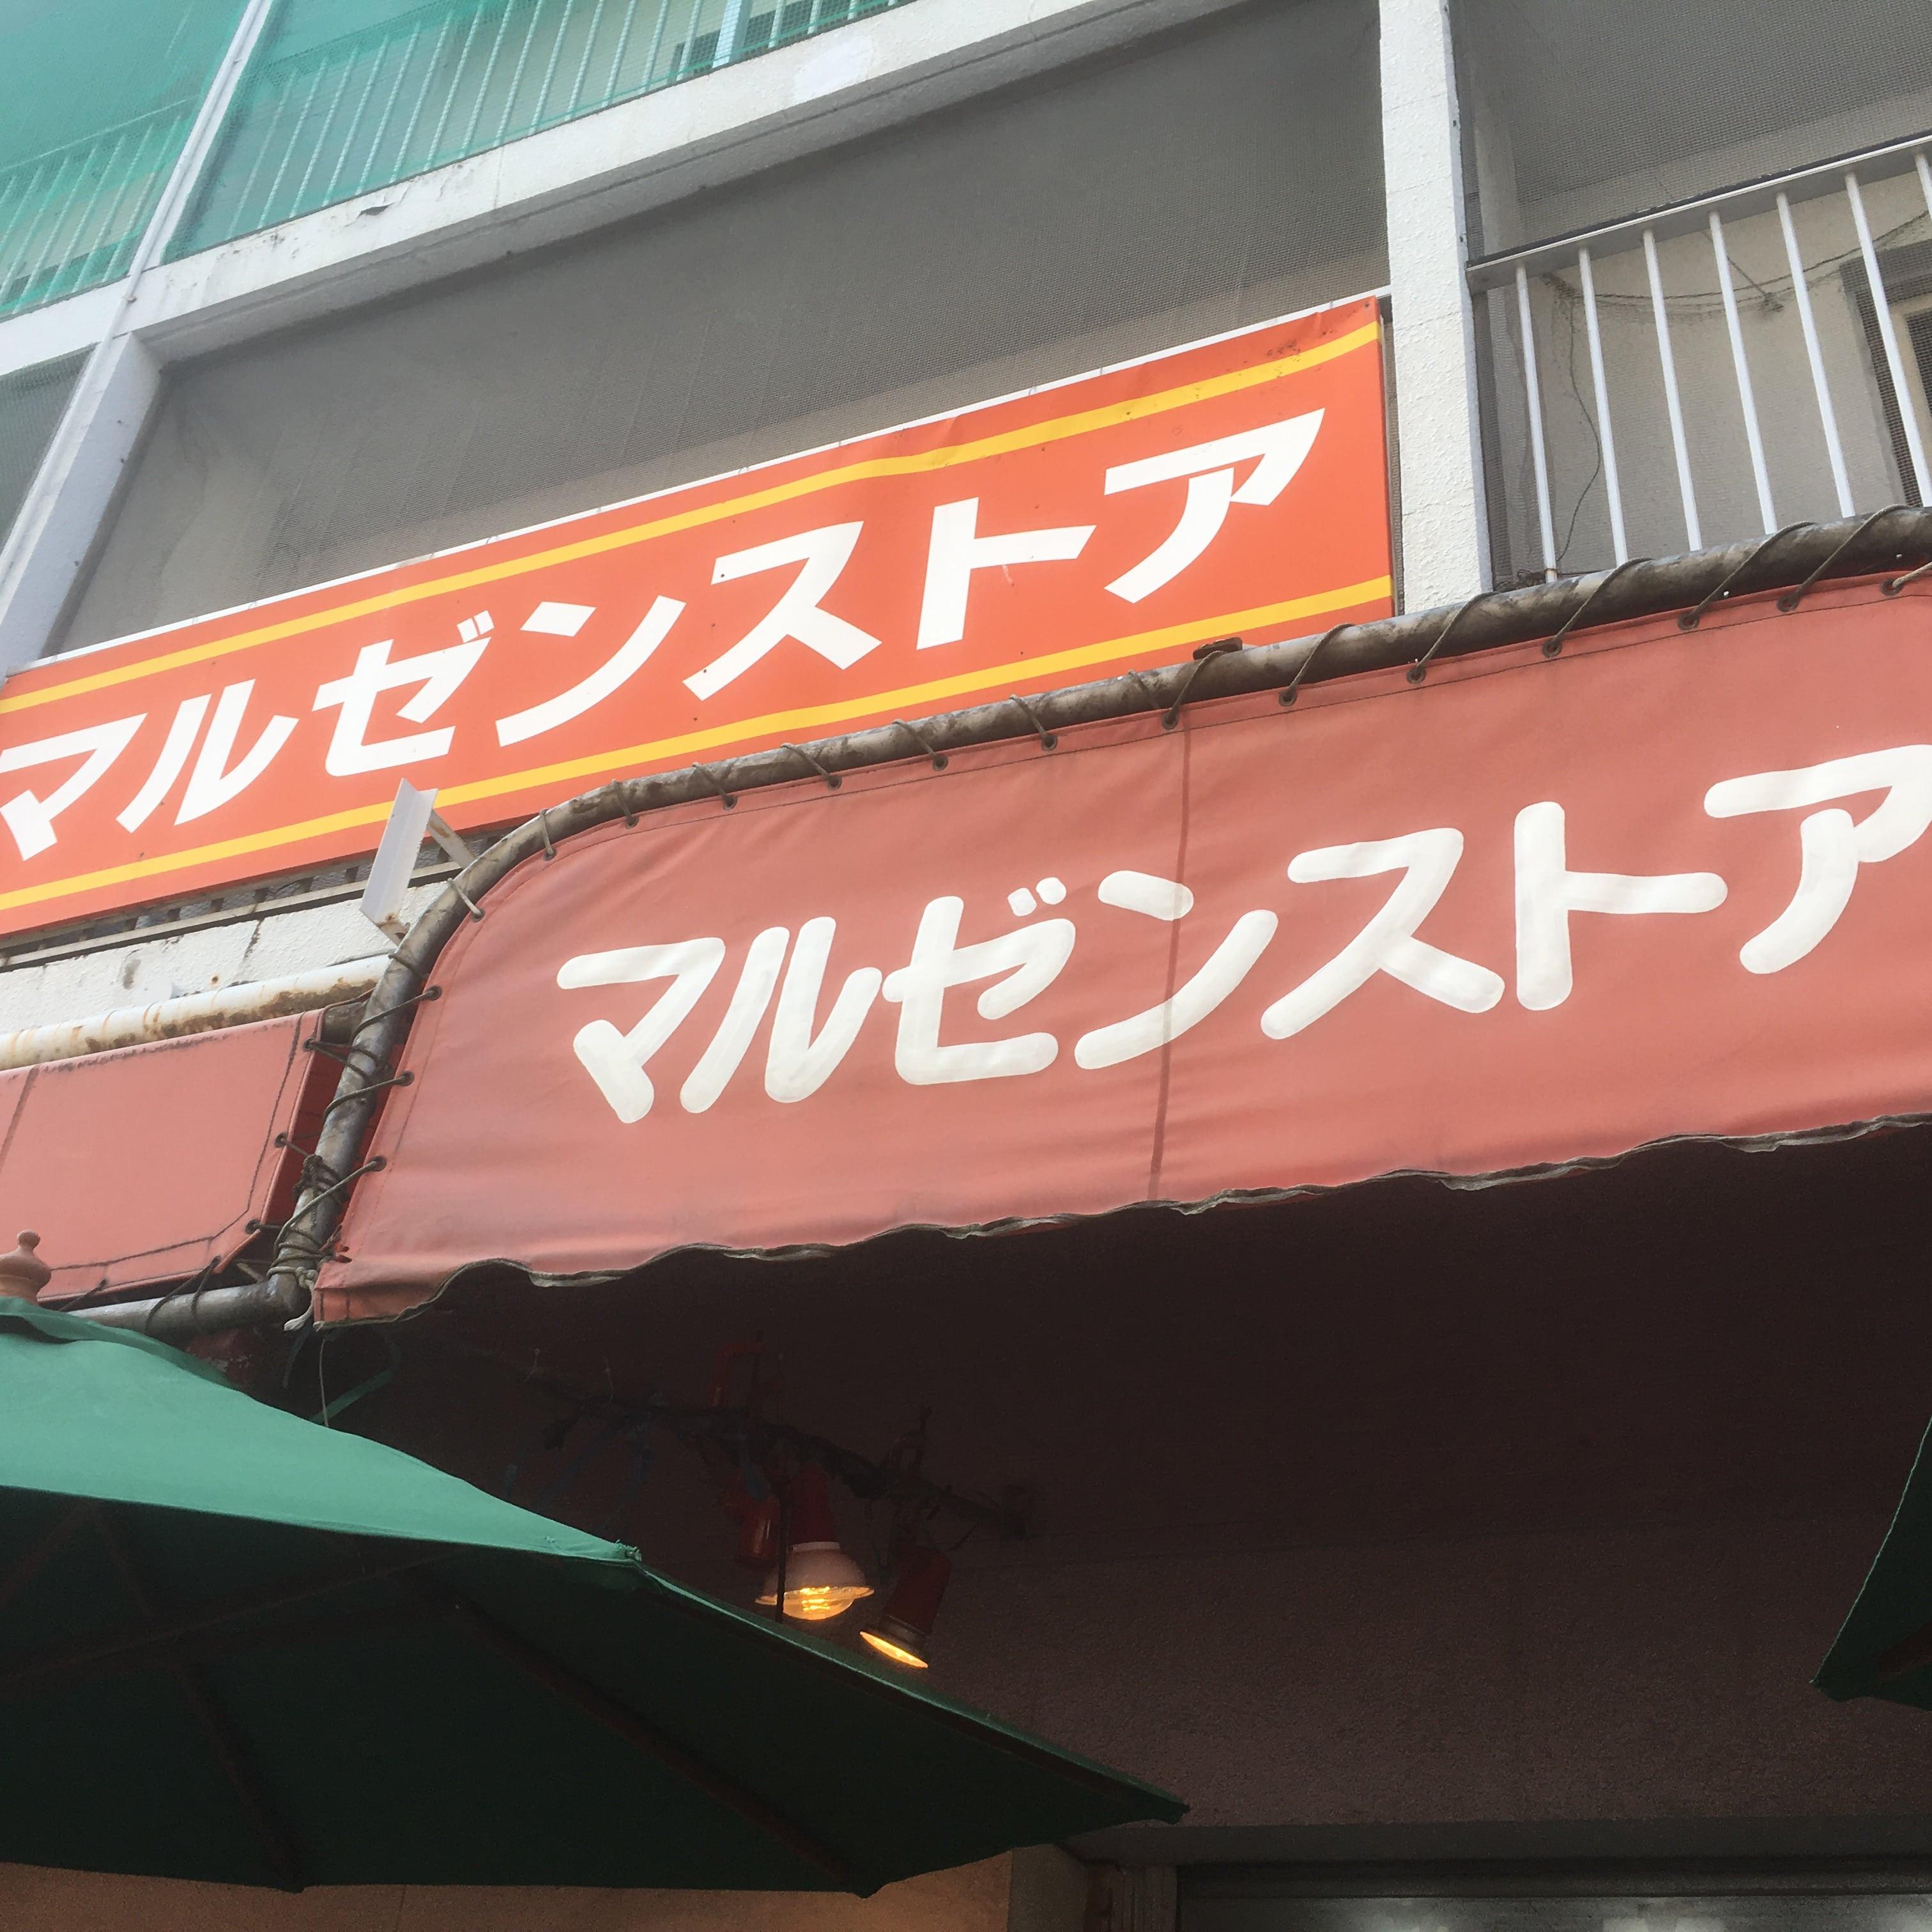 antique-miscellaneous-goods-cafe01